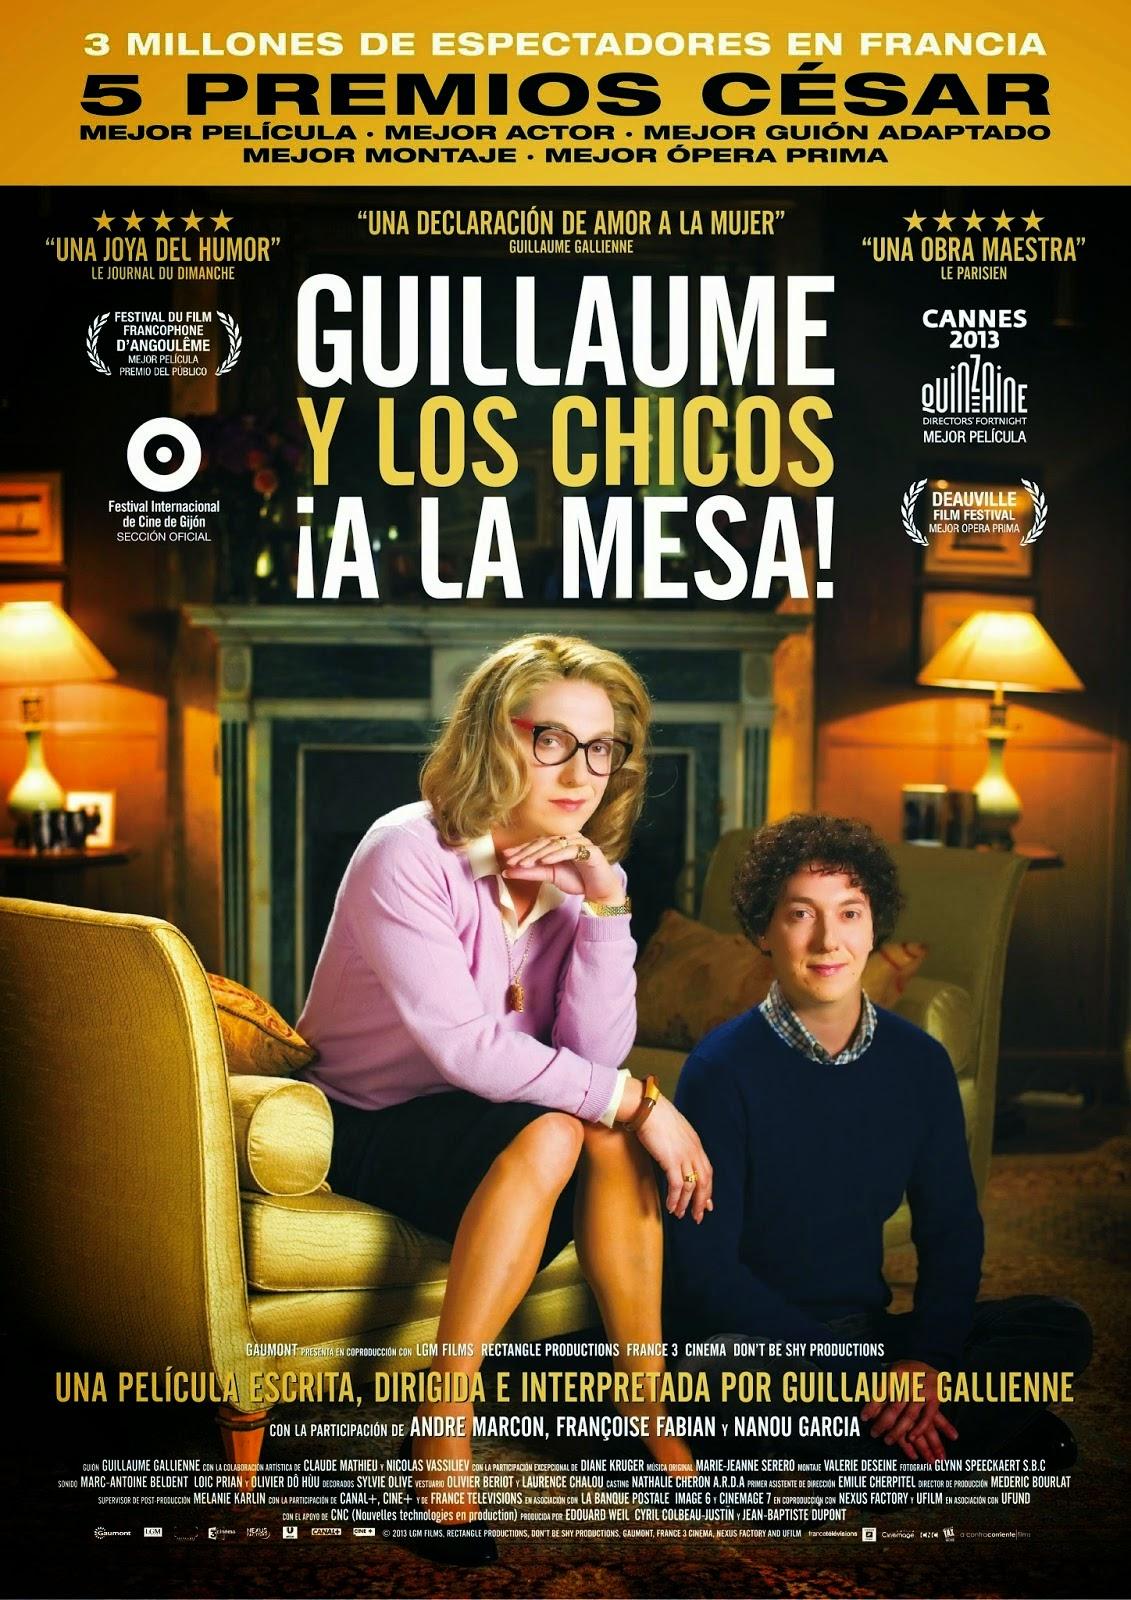 Frases de la película Guillaume y los chicos, ¡a la mesa!